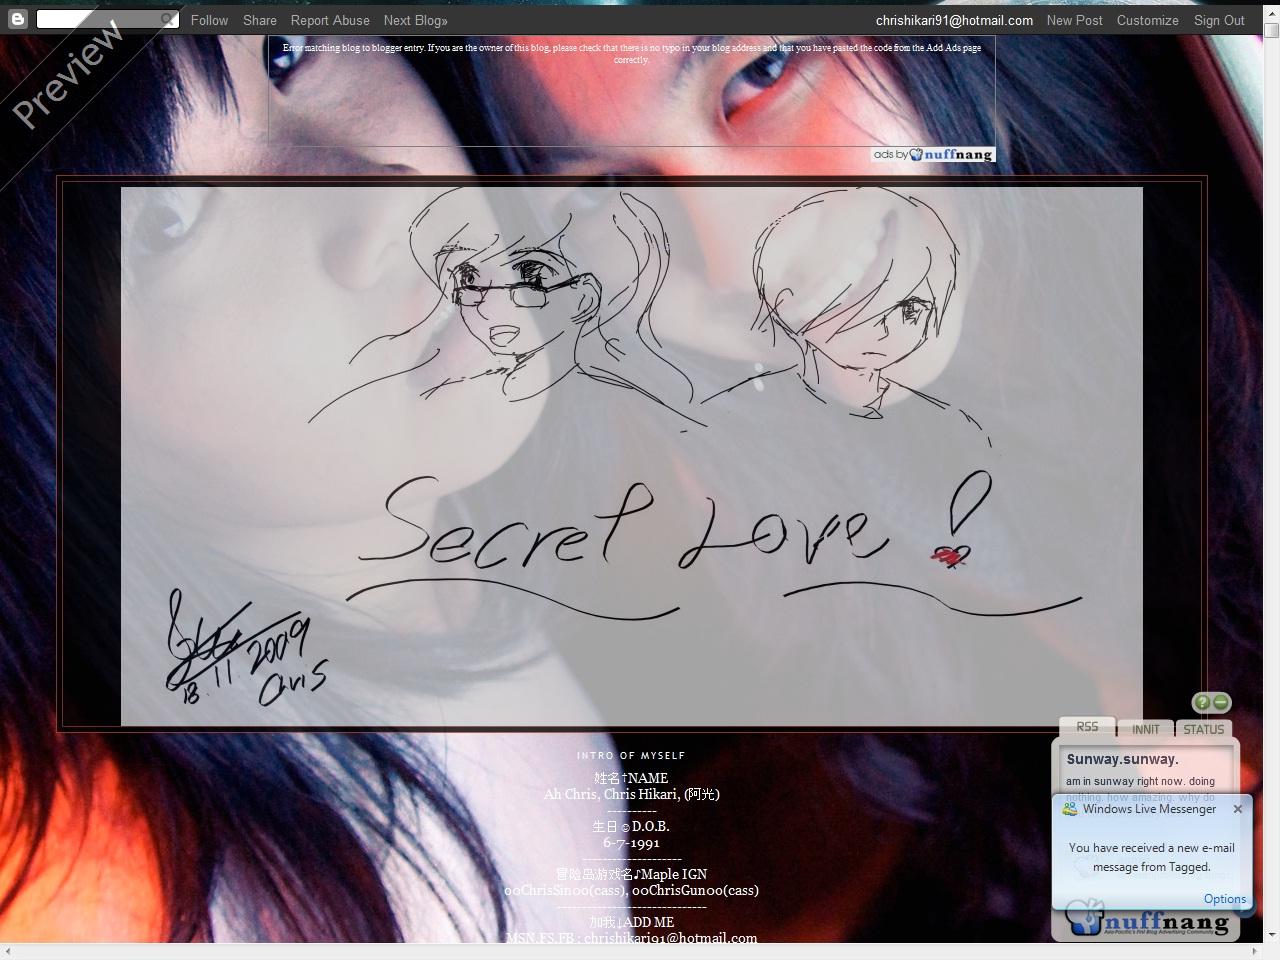 http://3.bp.blogspot.com/_EGL64wu-x8k/S9nKlhw5hiI/AAAAAAAAAn4/o_cHxCQaH38/s1600/wall1.jpg